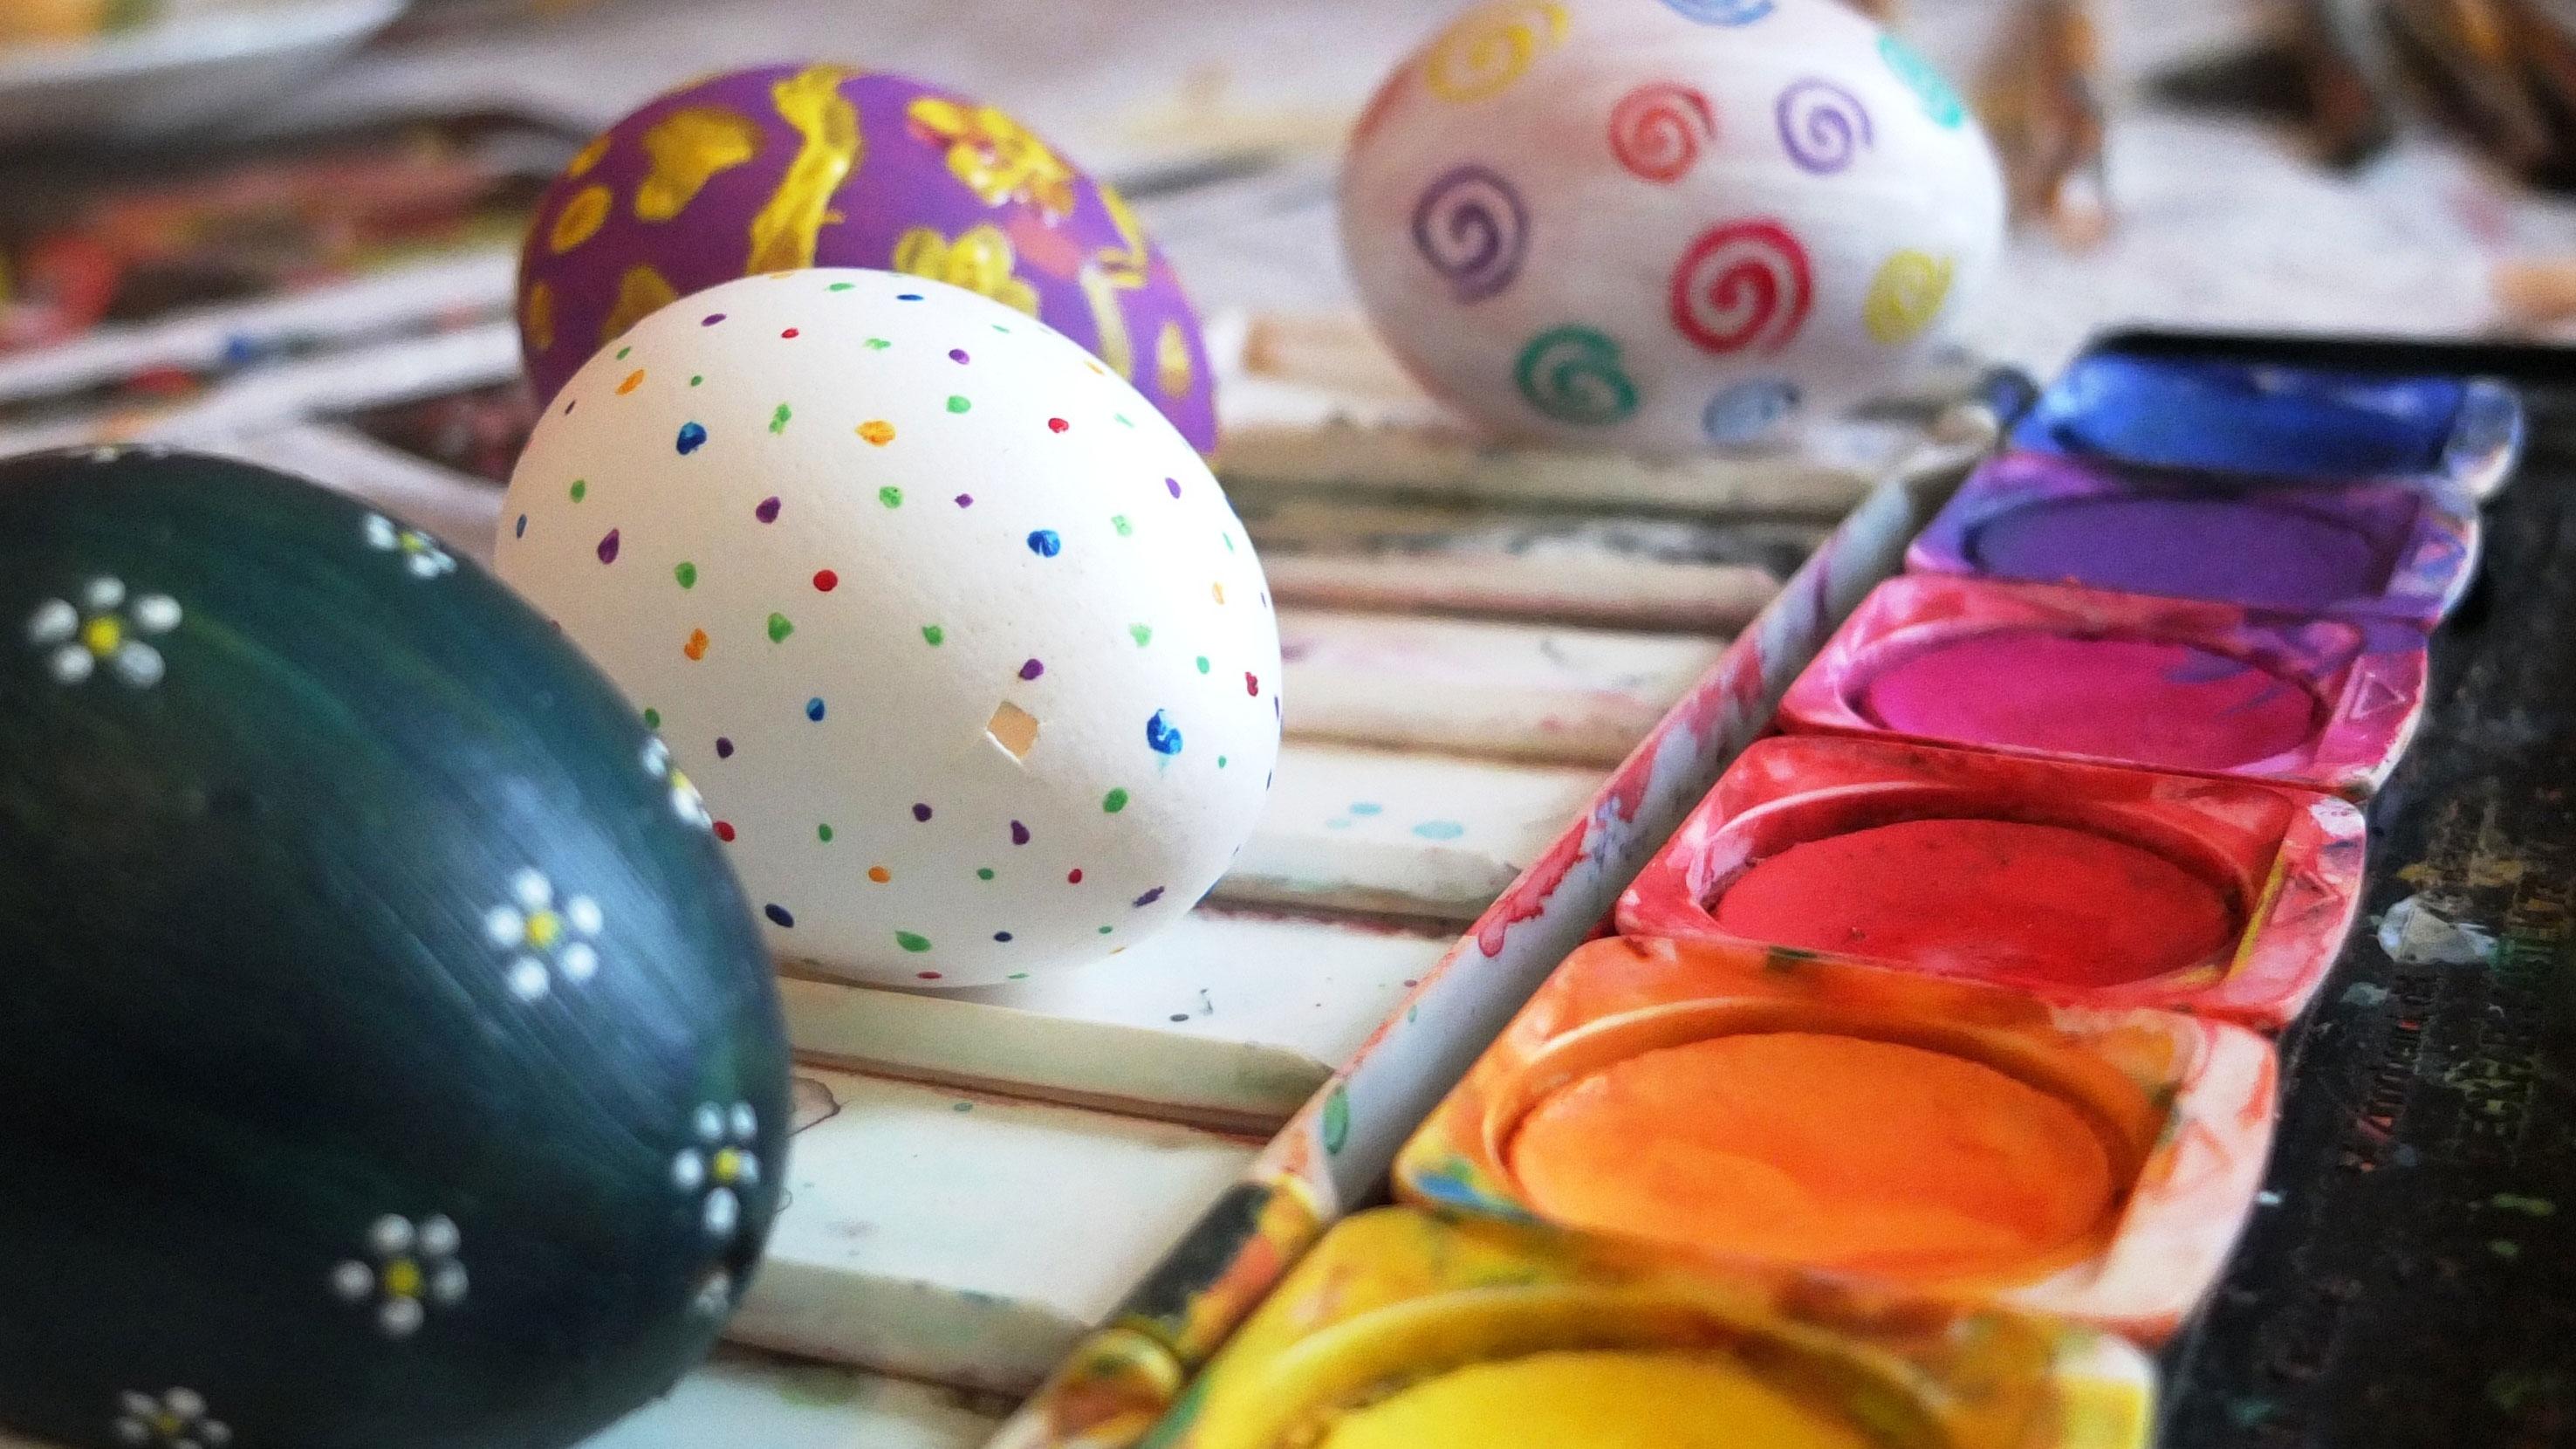 ostereier färben, bemalen und dekorieren | famigros